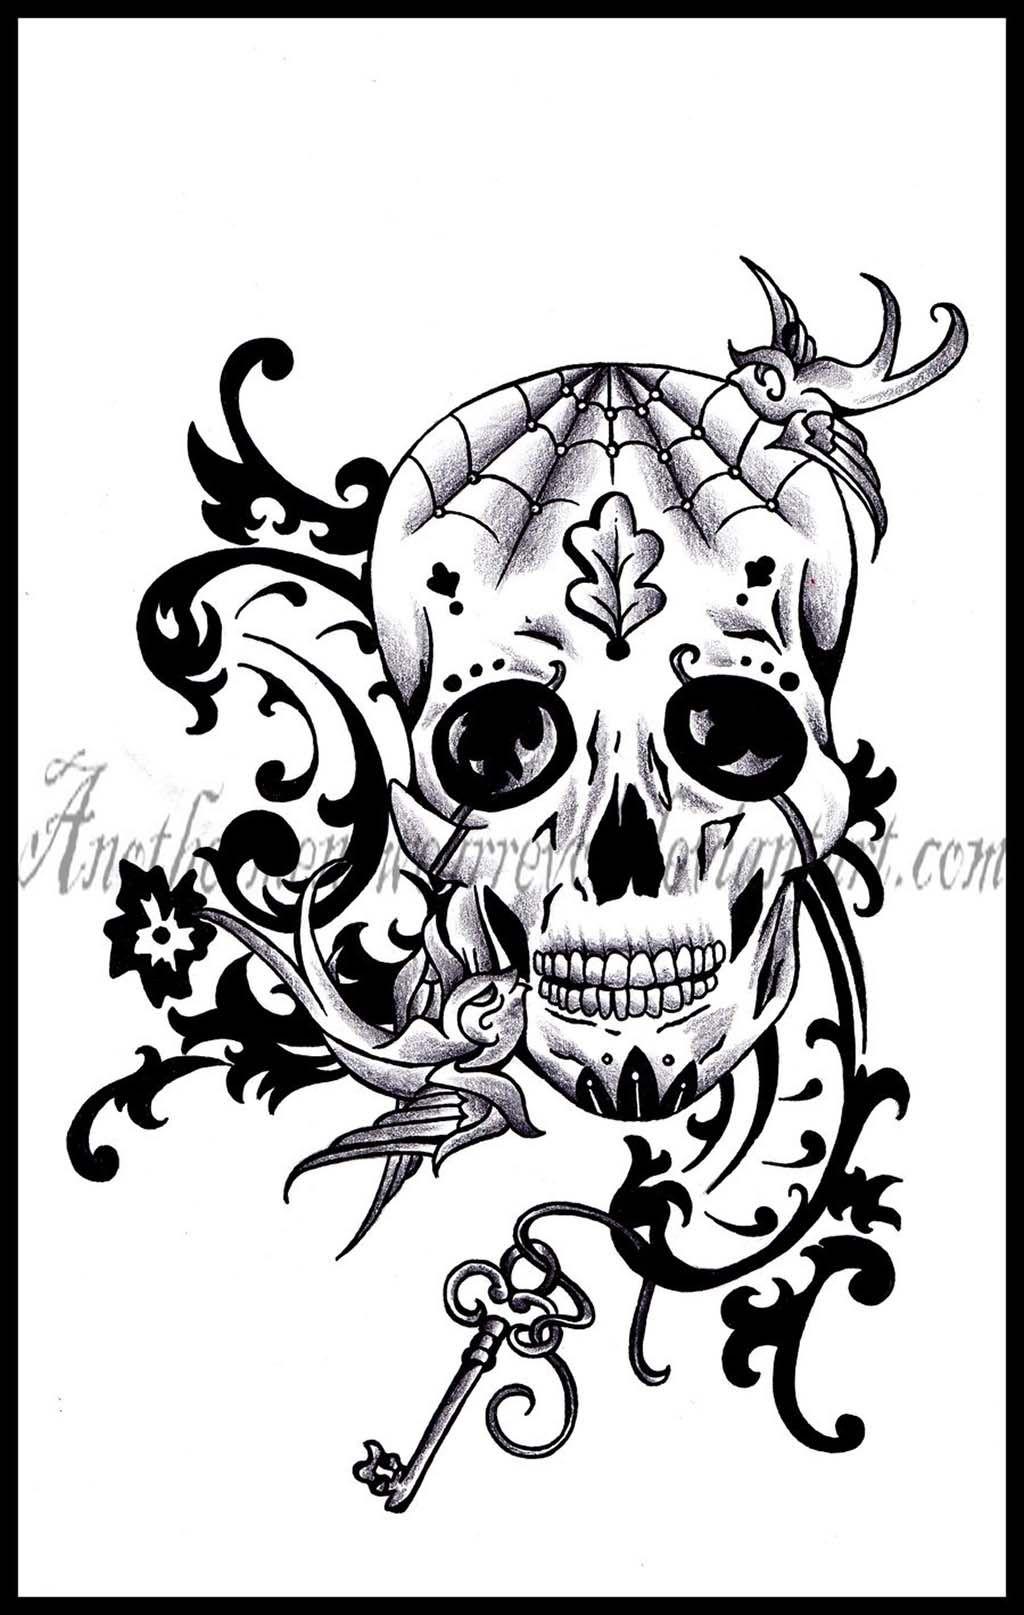 Tattoo Png Download 2020 In 2020 Skull Girl Tattoo Sugar Skull Tattoos Sugar Skull Girl Tattoo